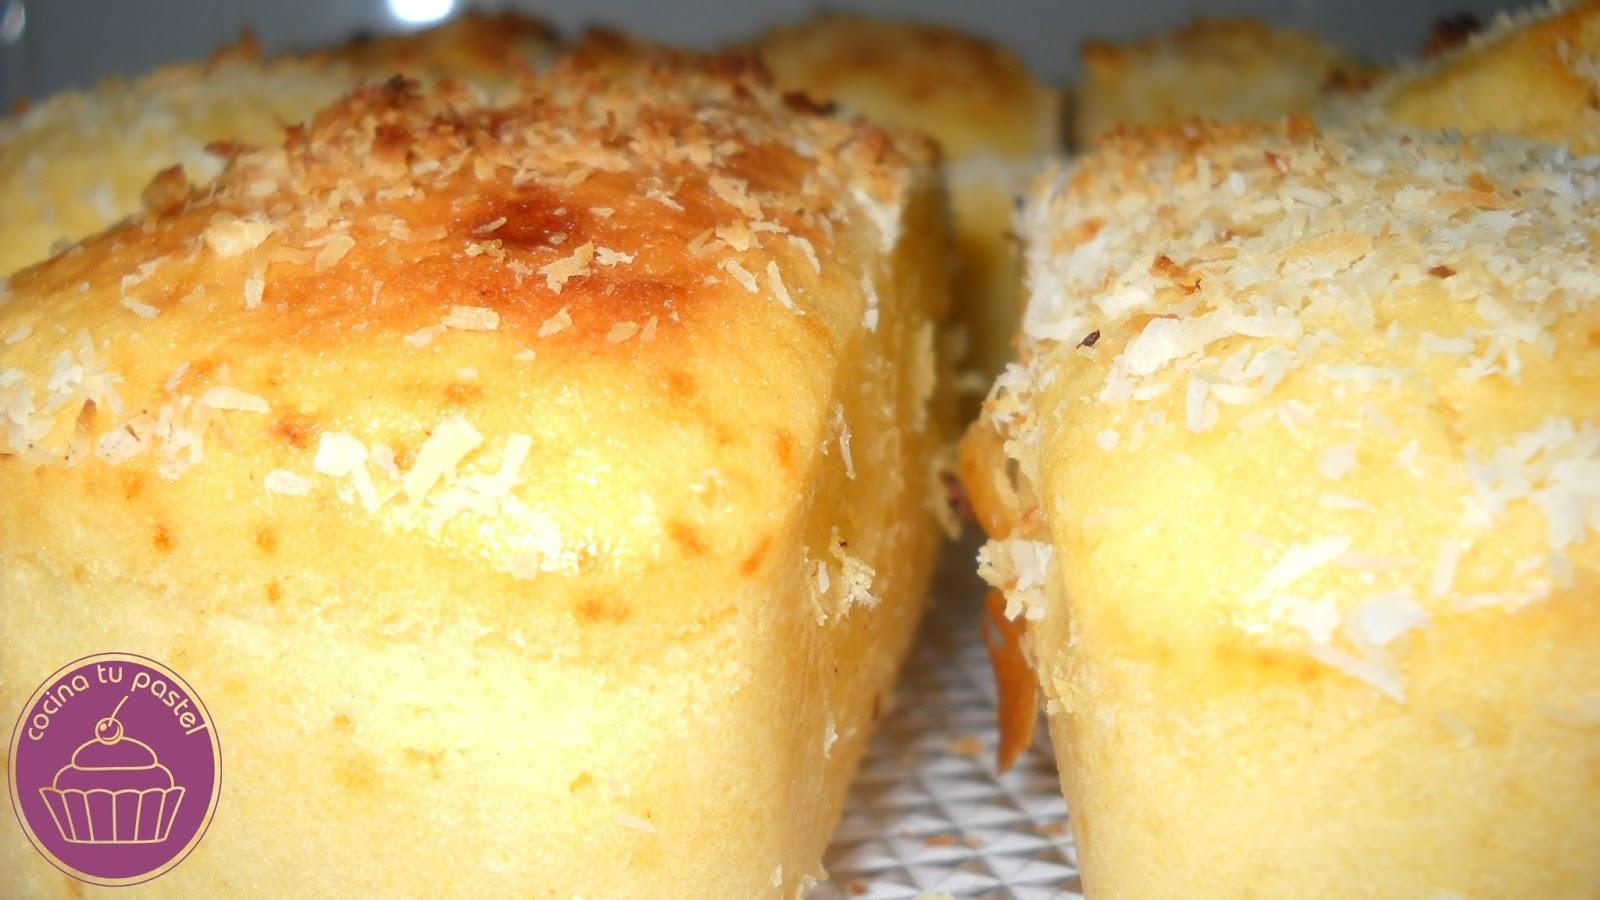 Cocina tu pastel junio 2013 for Bizcocho de yogur y almendra